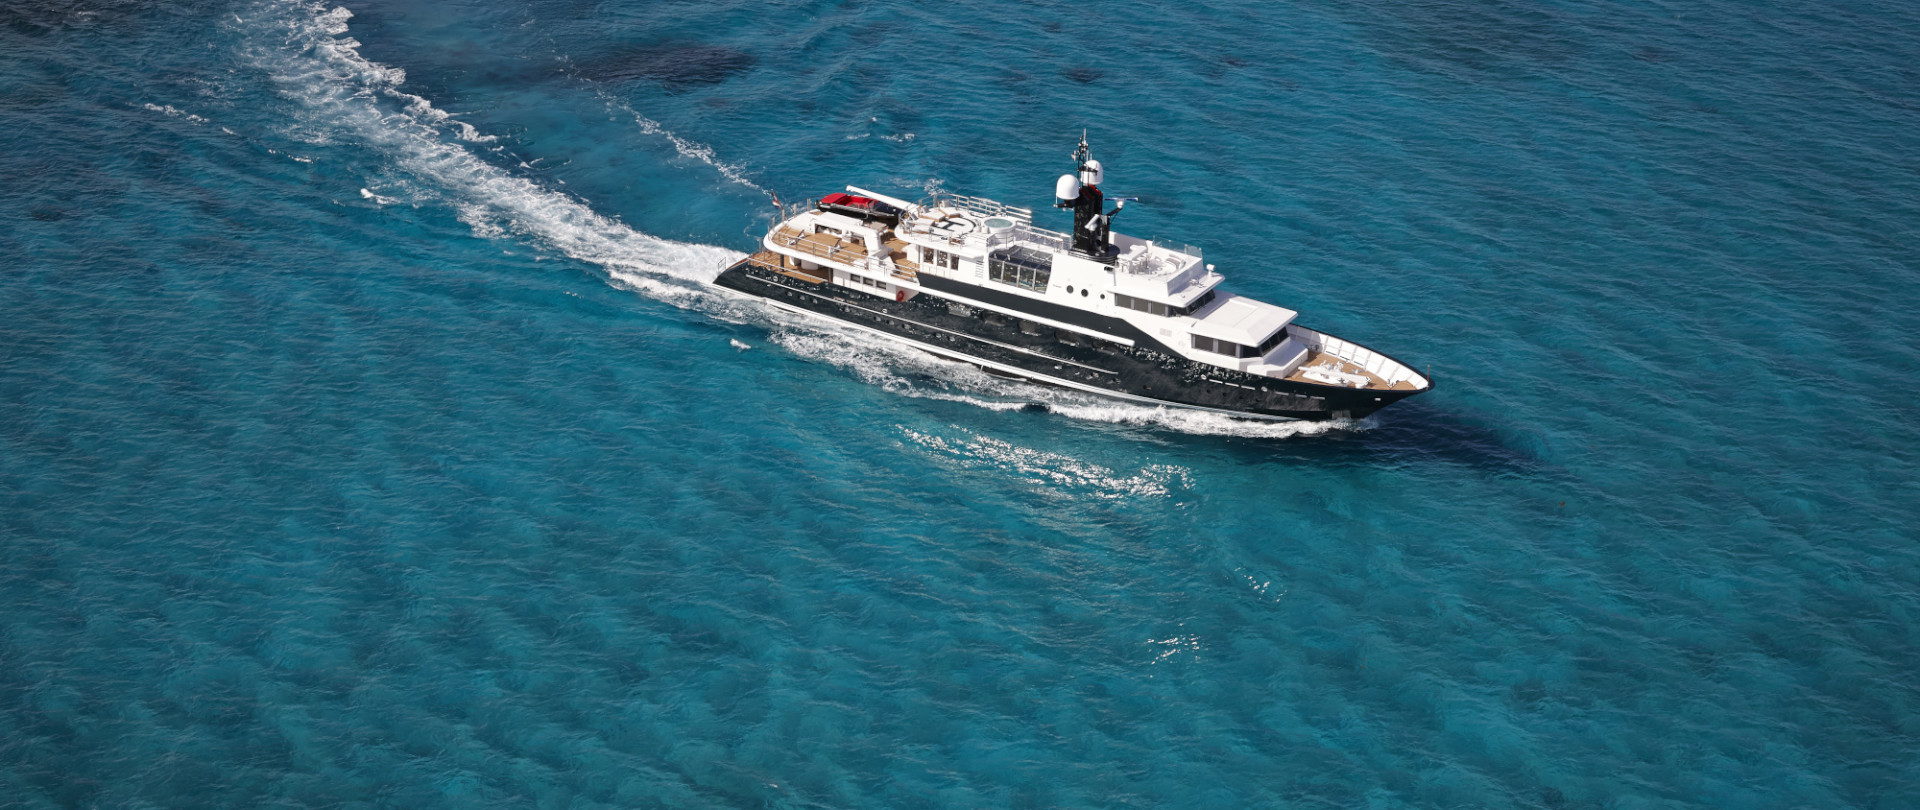 Highlander - New unbeatable winter rate of US$90,000 per week photo 1